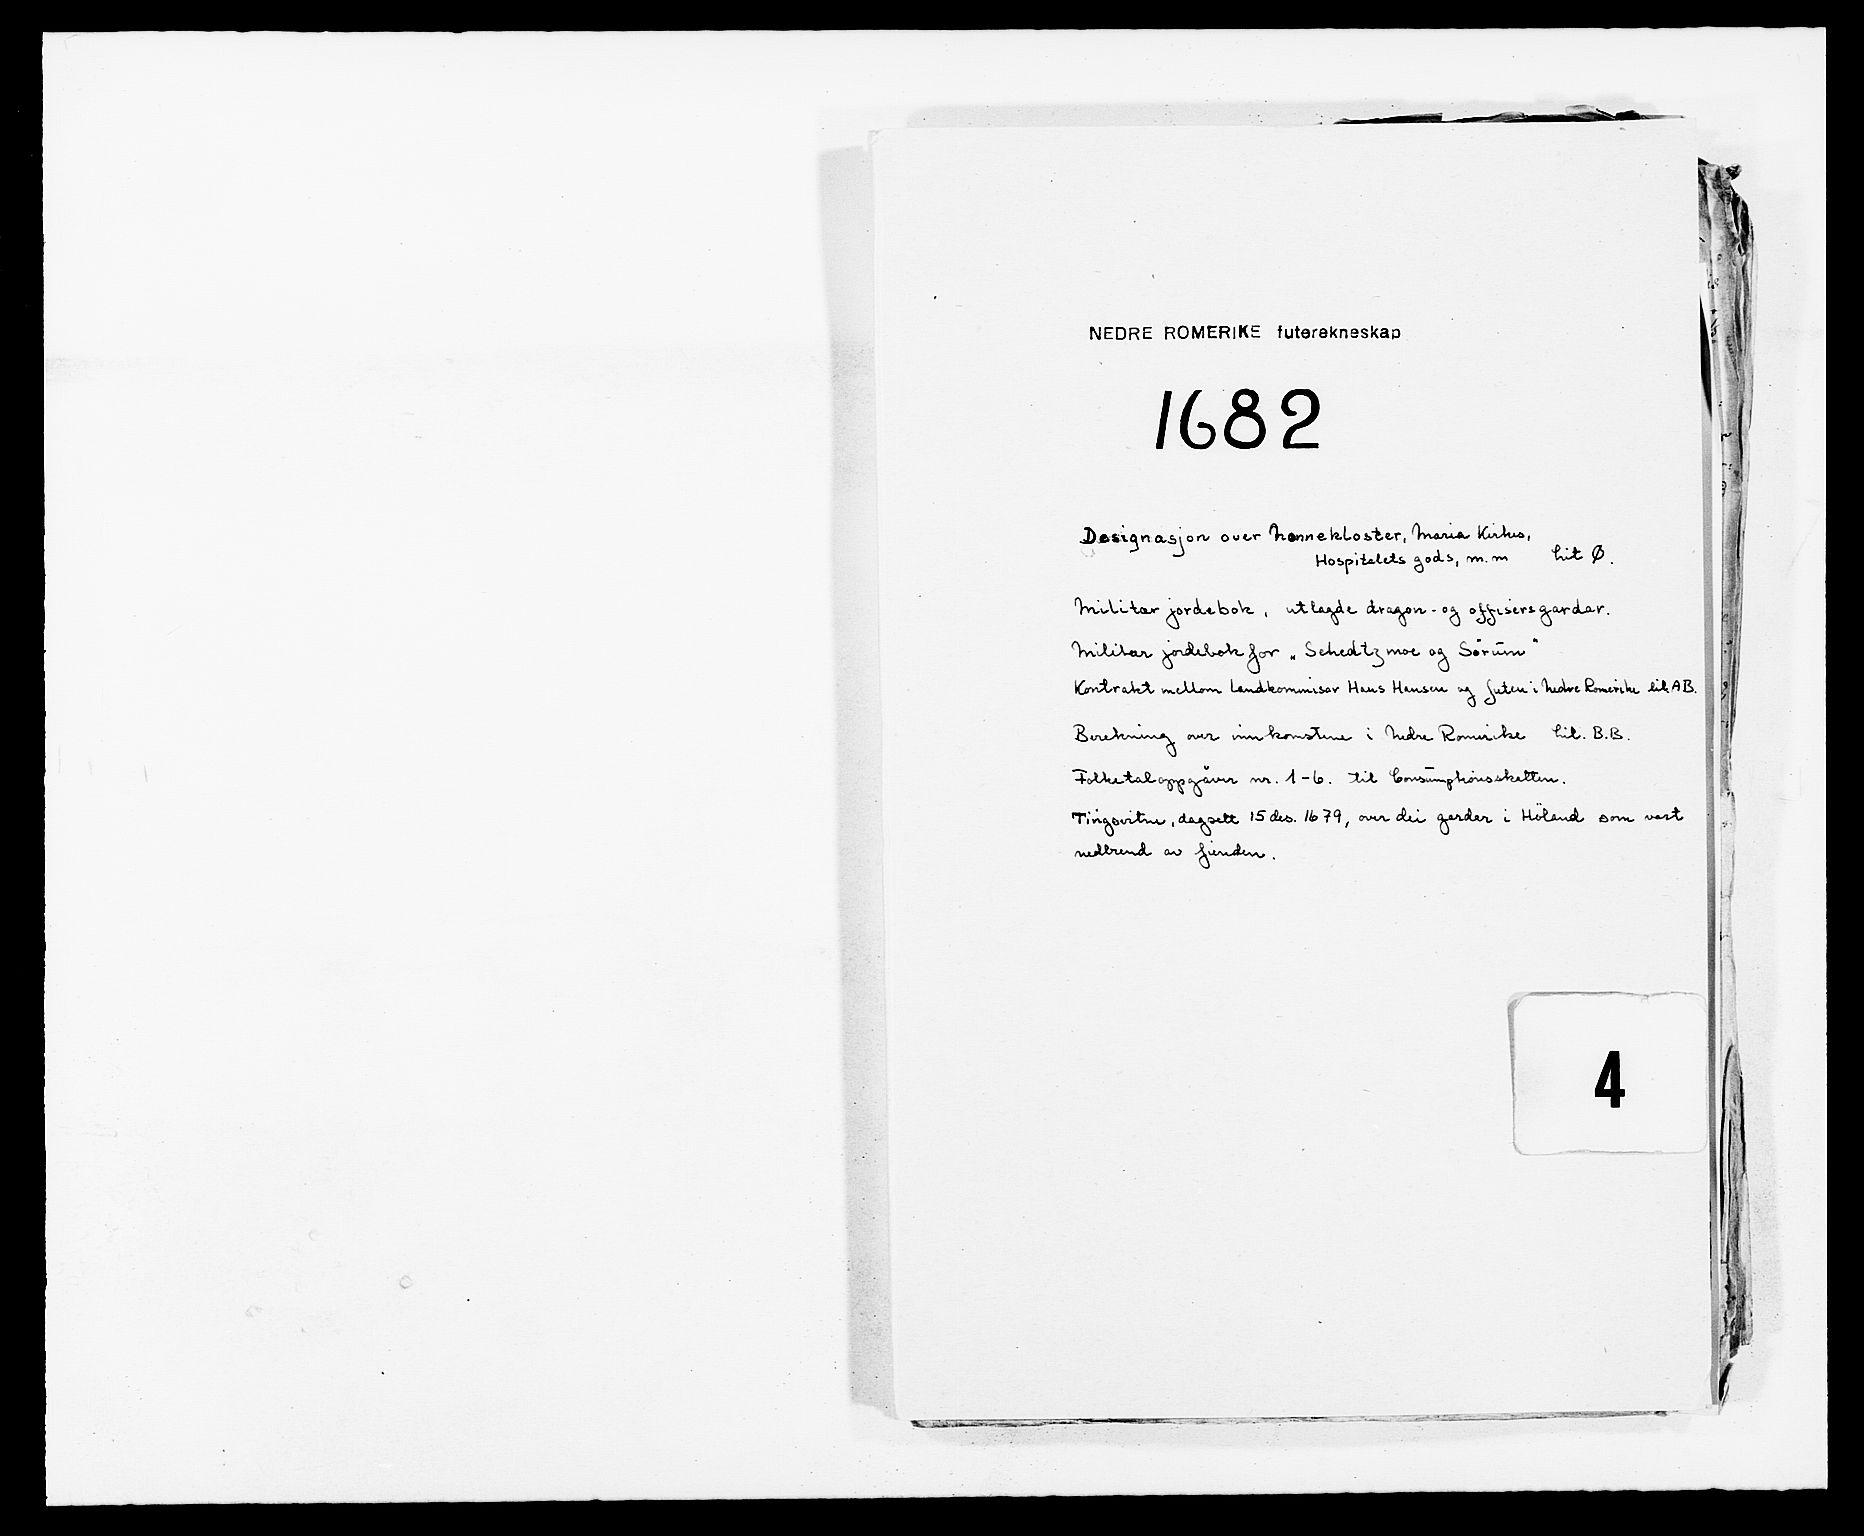 RA, Rentekammeret inntil 1814, Reviderte regnskaper, Fogderegnskap, R11/L0570: Fogderegnskap Nedre Romerike, 1682, s. 255